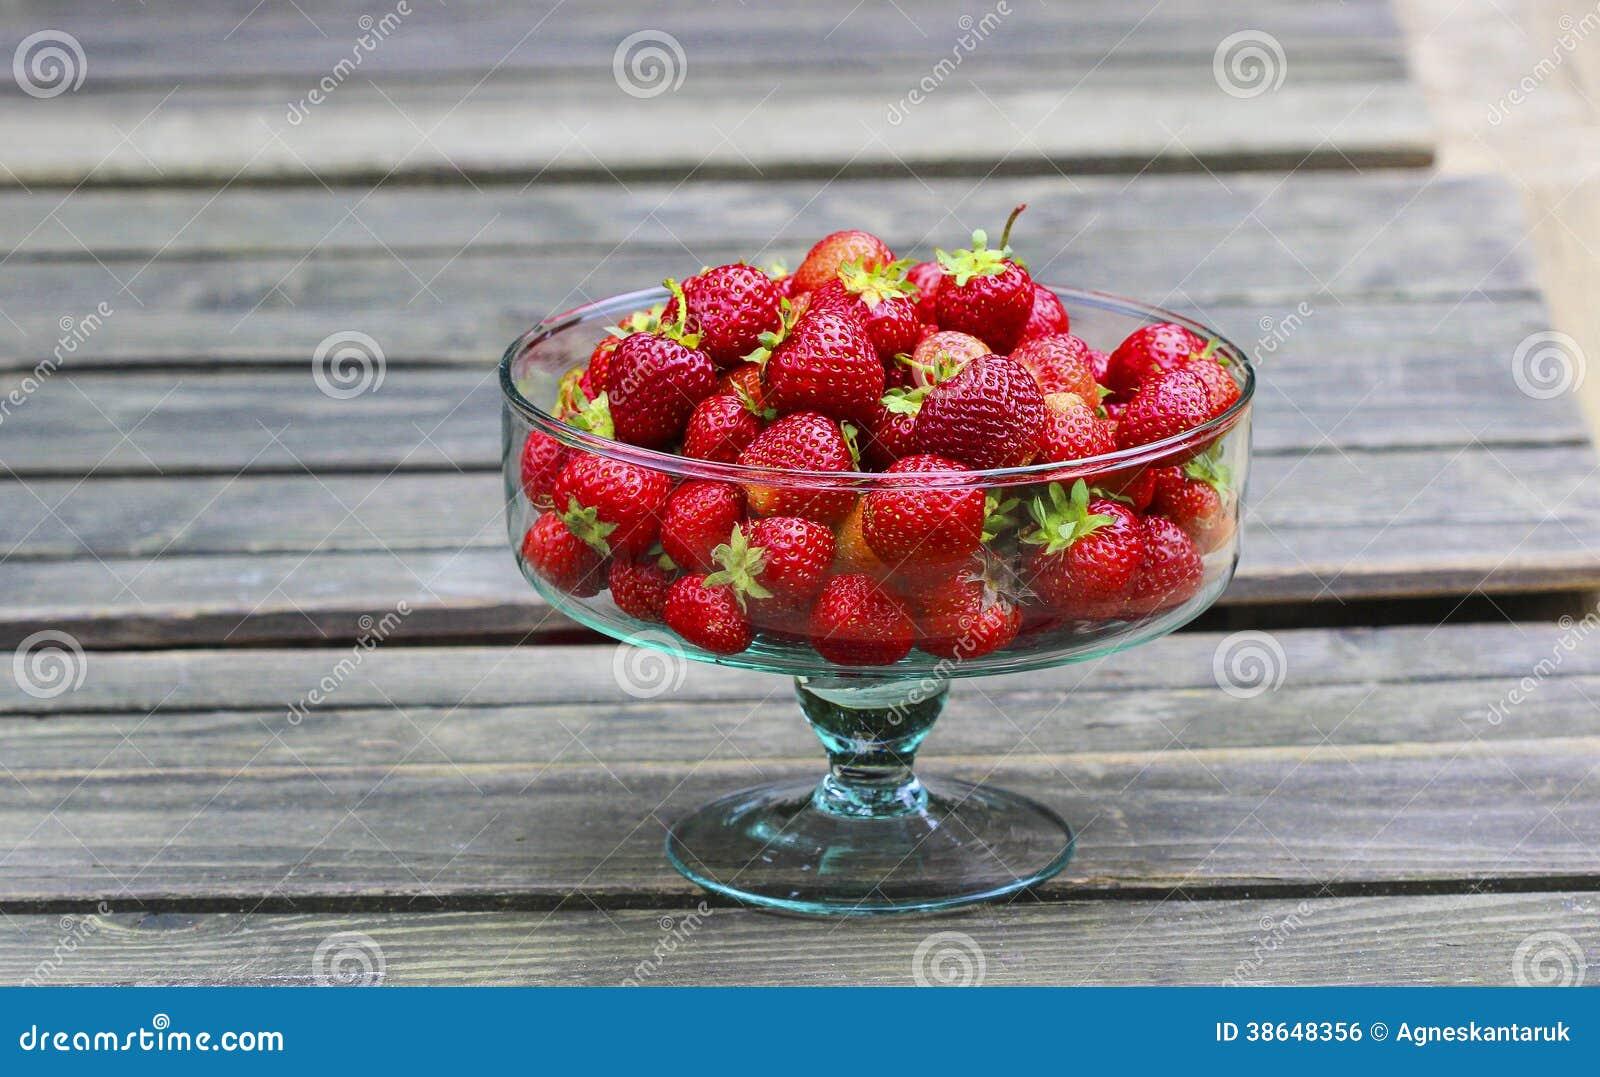 Bol de vidrio de fresas maduras frescas imagen de archivo - Bol de vidrio ...